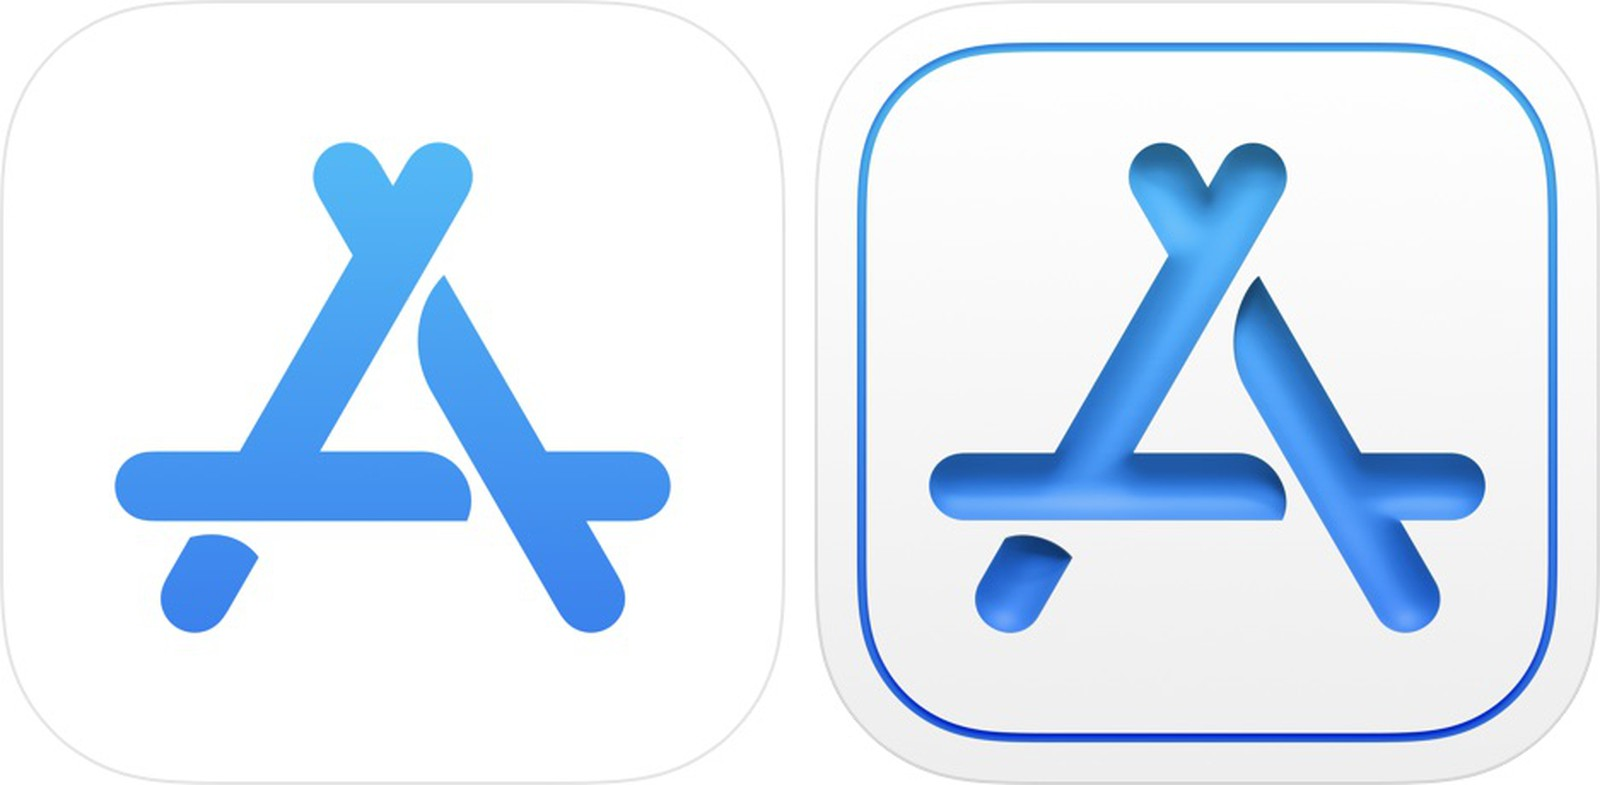 iOS 15, il design di due icone forse anticipa le novità in arrivo